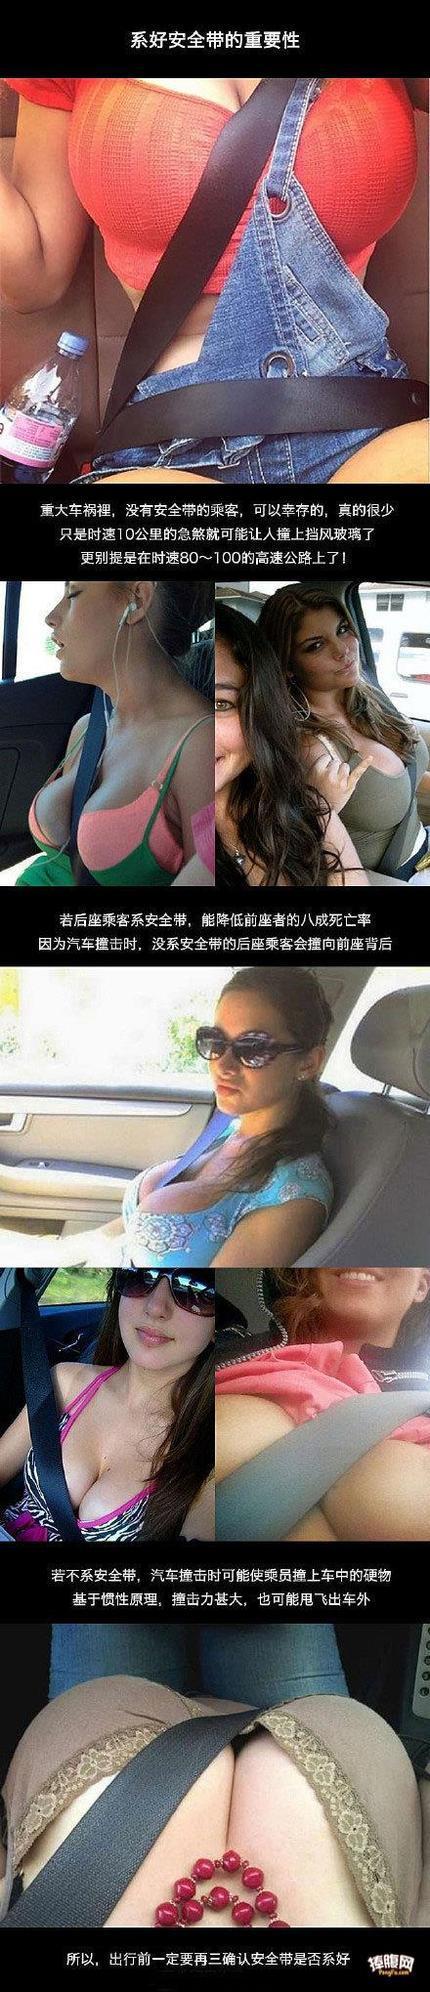 行车安全一定要带安全带